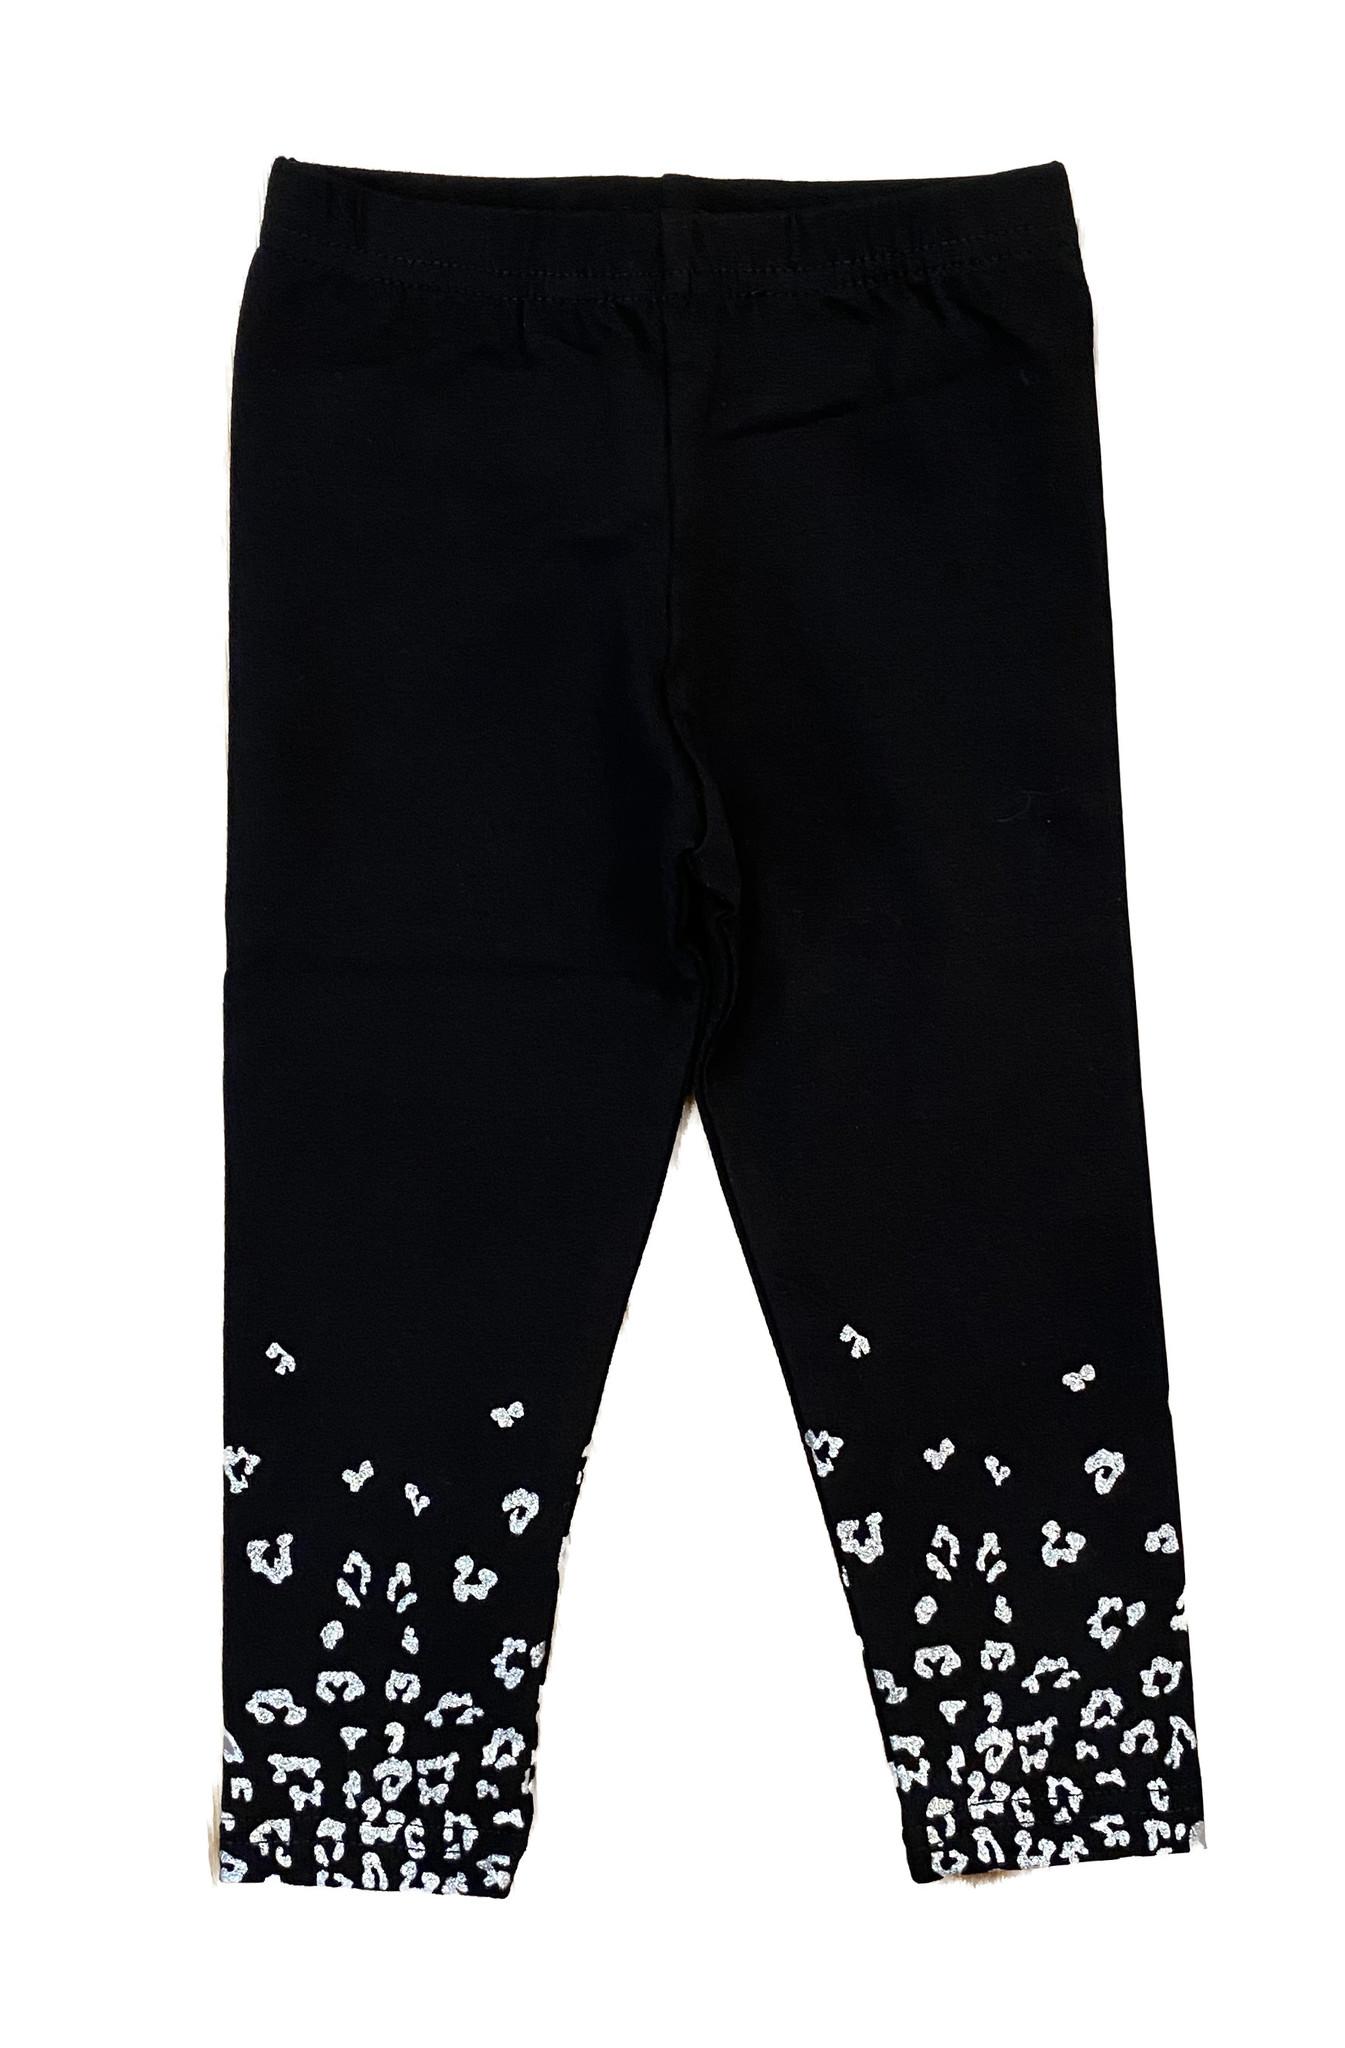 Black/ Metallic Cheetah Infant Legging